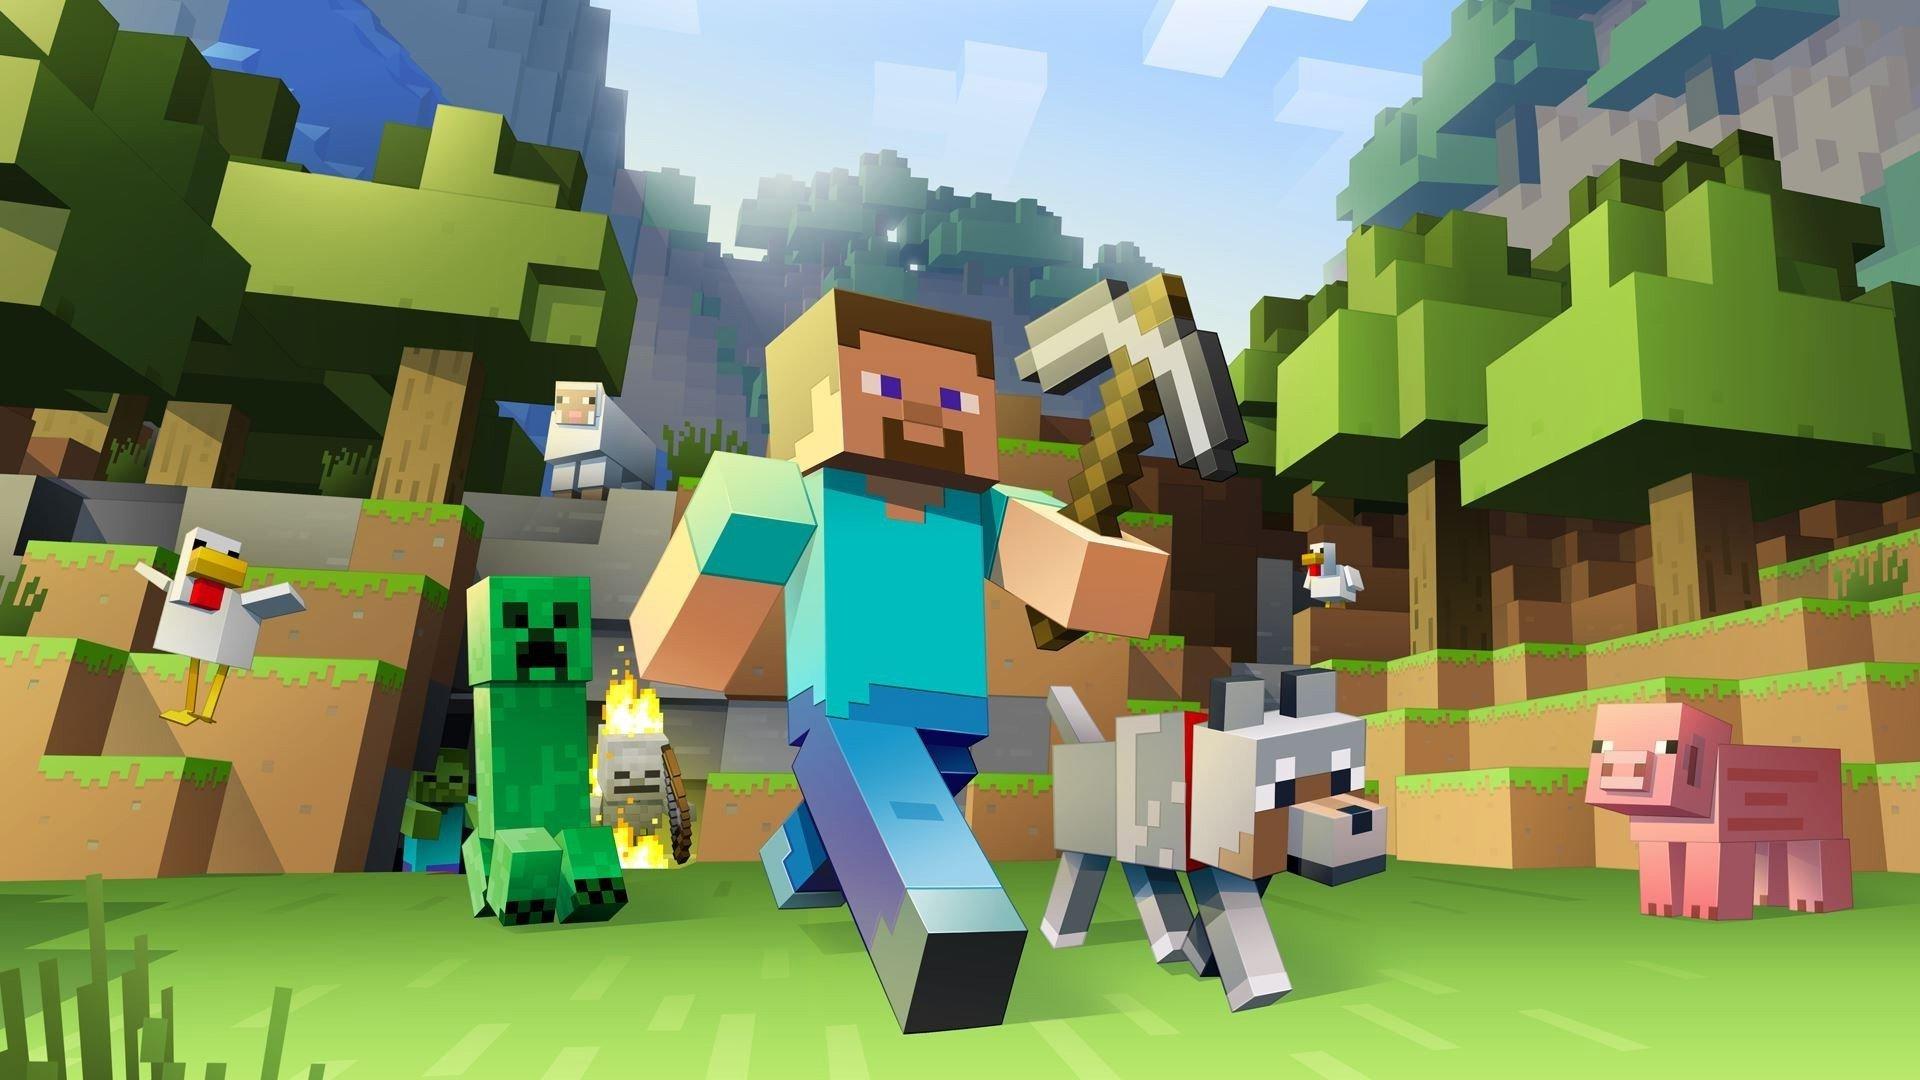 Minecraft background art.